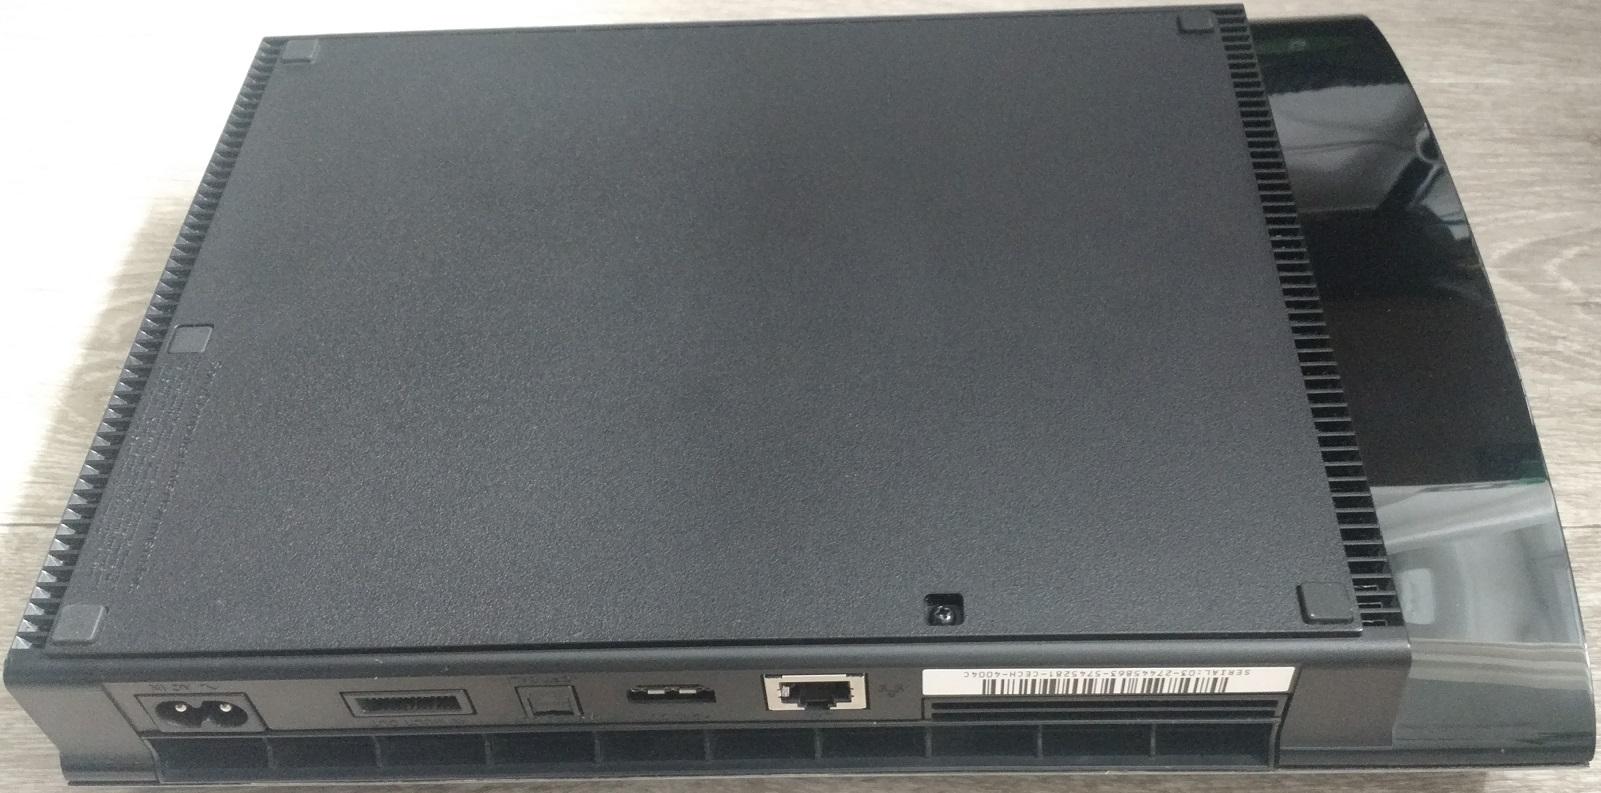 [VENDU] PS3 super slim 500GO HEN 4.86 Img_2088